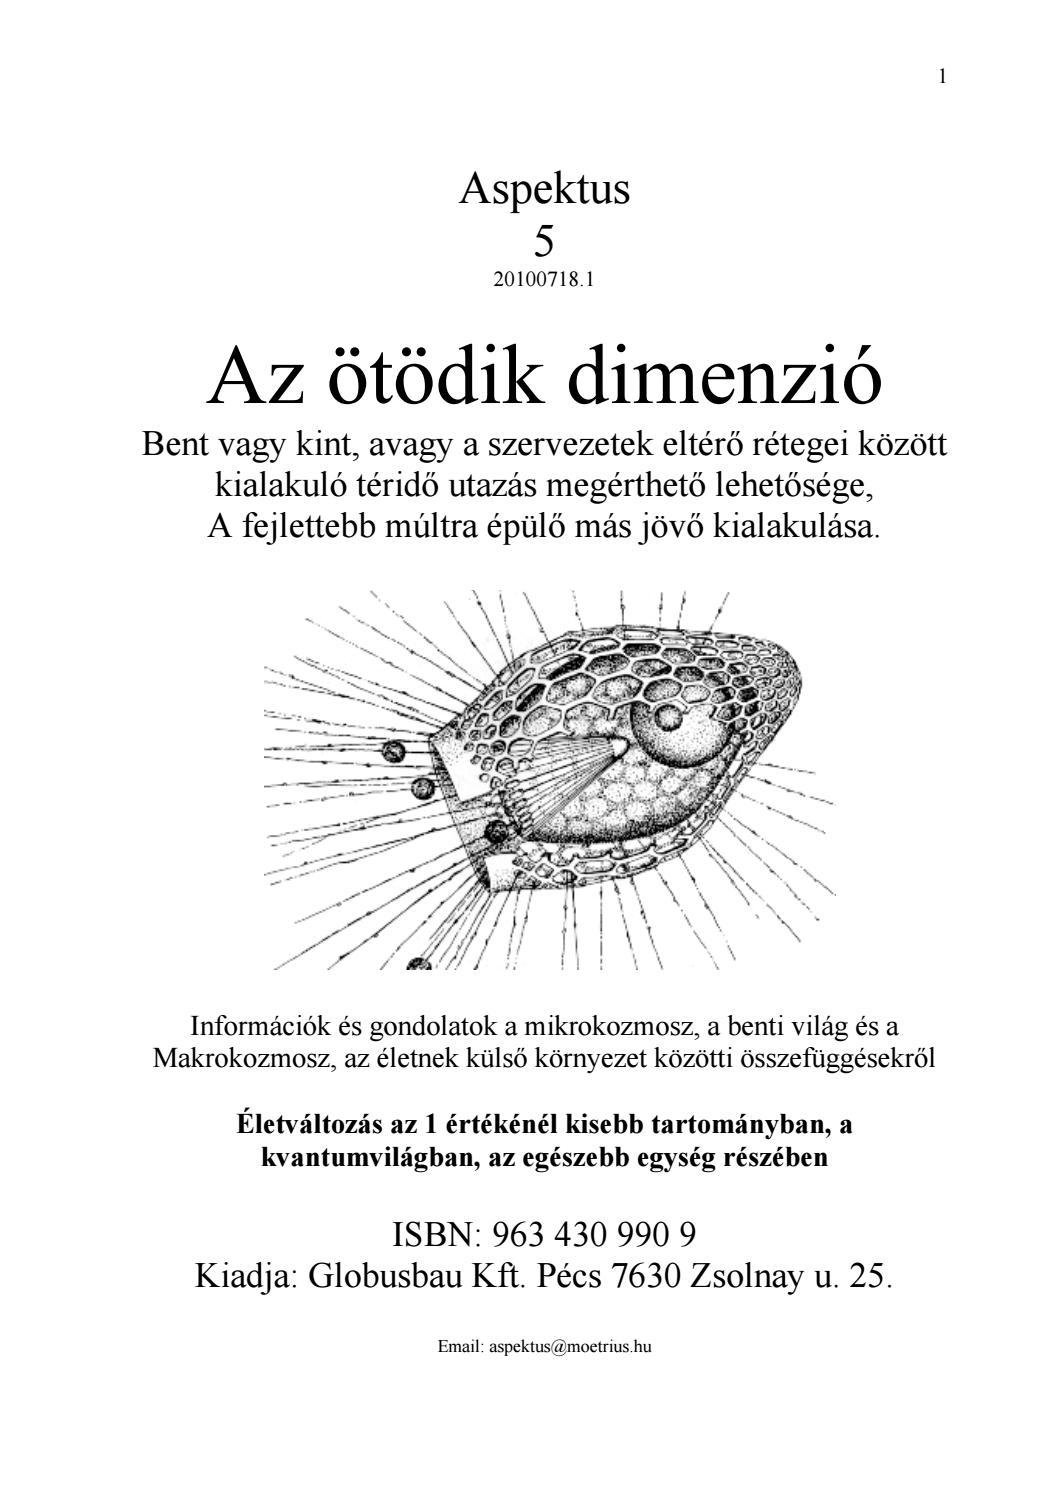 """Magyar Narancs - Belpol - """"Buta, rövidlátó megközelítés"""""""